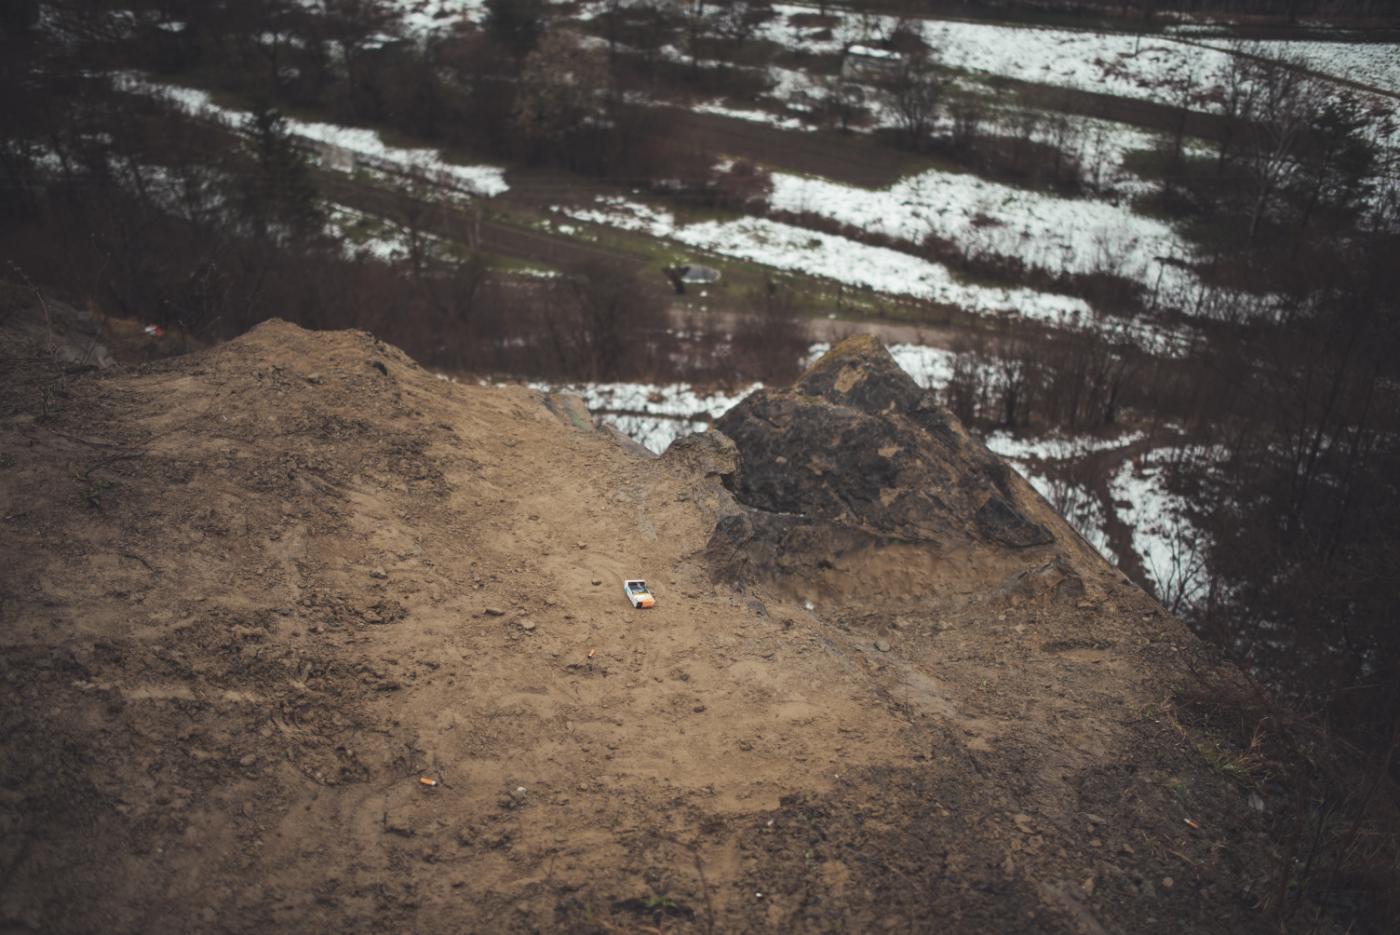 Tragiczny finał poszukiwań 17-latki z Sanoka. Ciało dziewczyny znaleziono na skałkach [ZDJĘCIA-WIDEO] - Zdjęcie główne